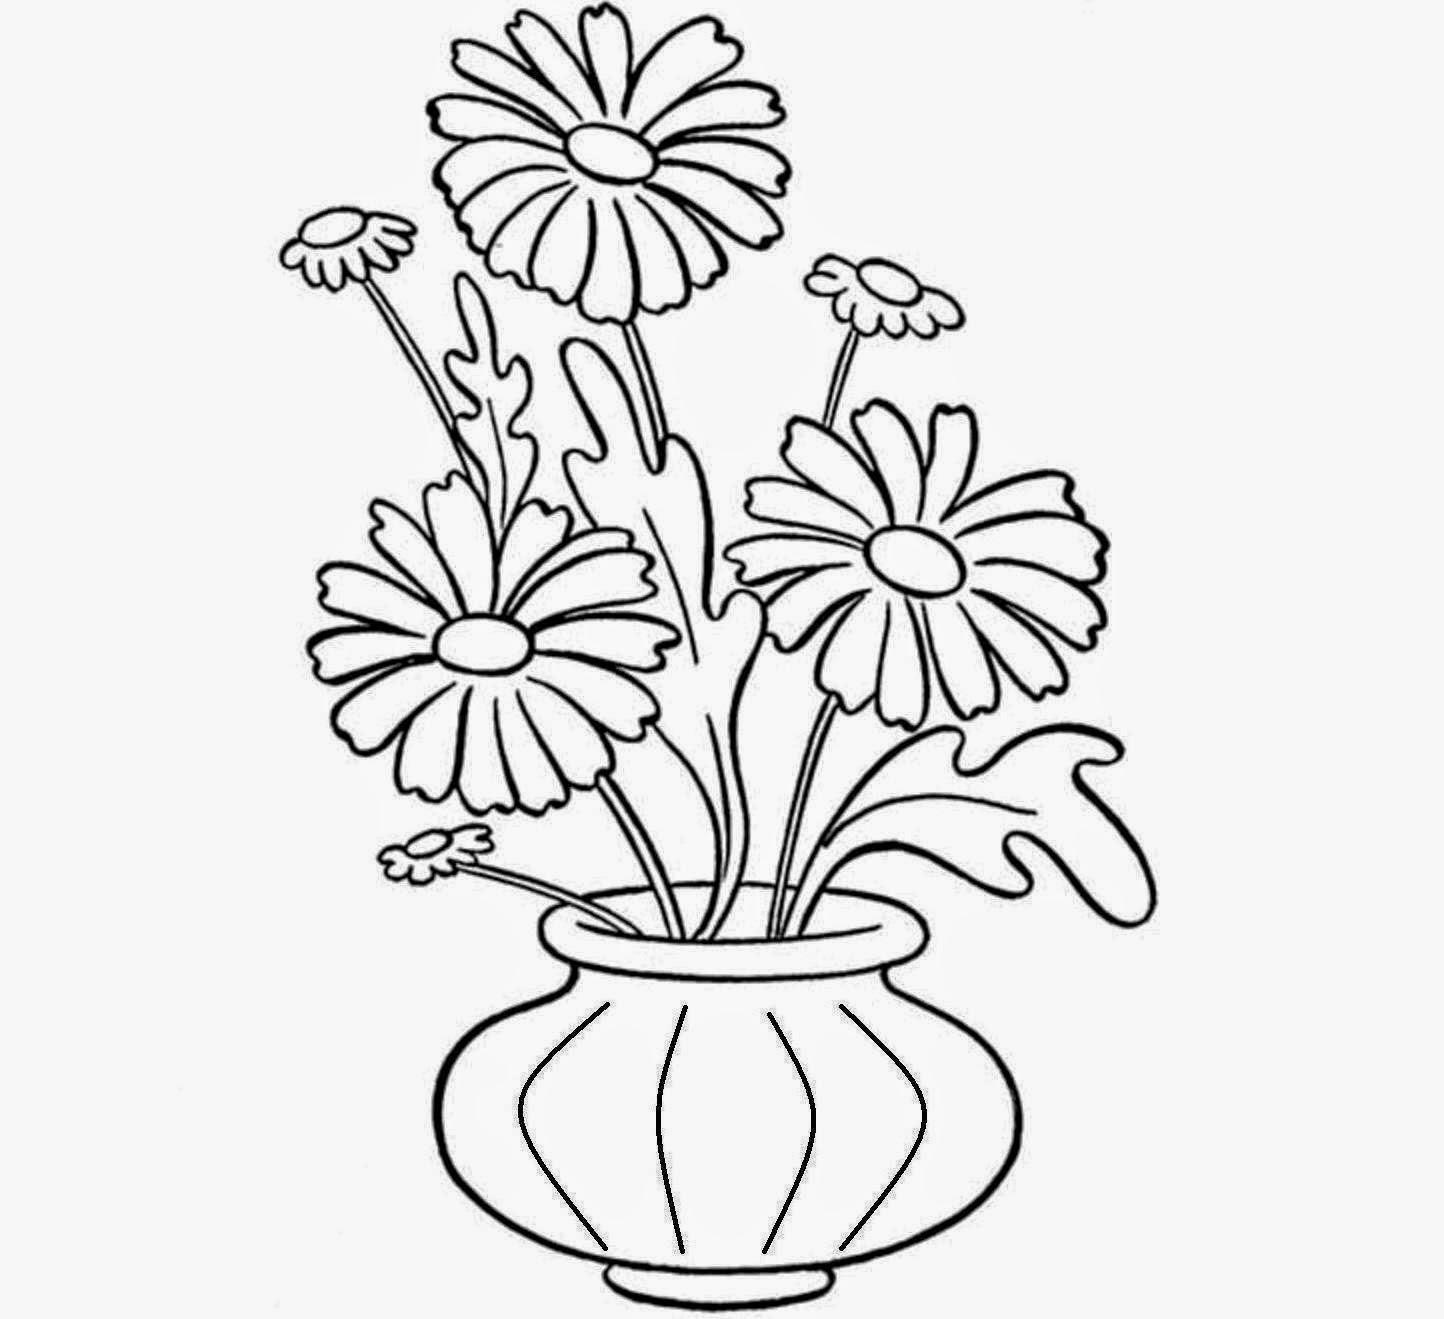 Drawn vase flower vase For Flower Flowers Drawings Sketch